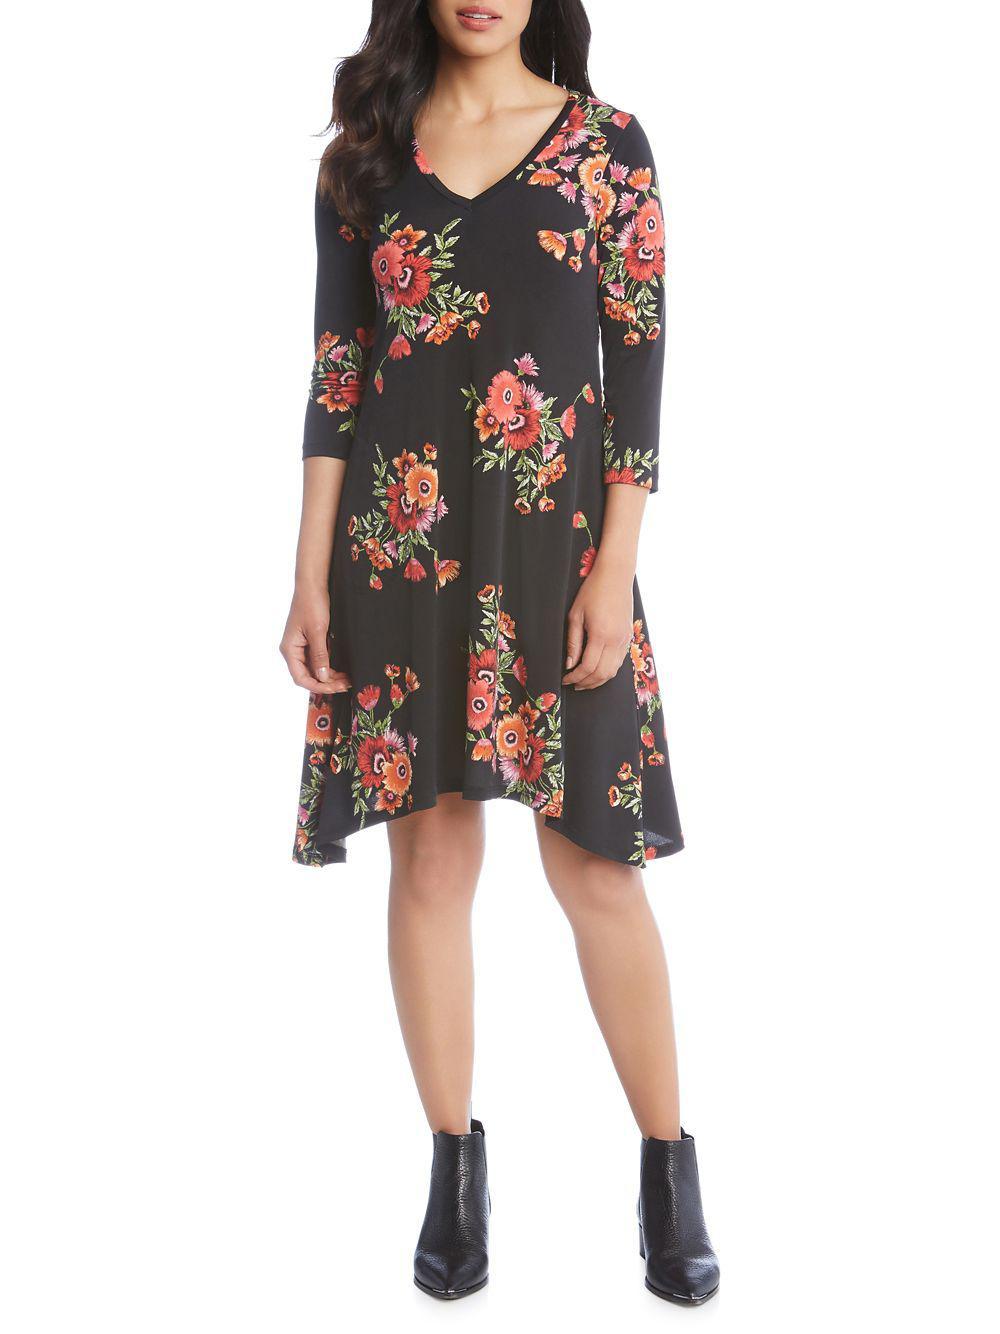 851ef34d872 Lyst - Karen Kane Hailey Floral A-line Dress in Black